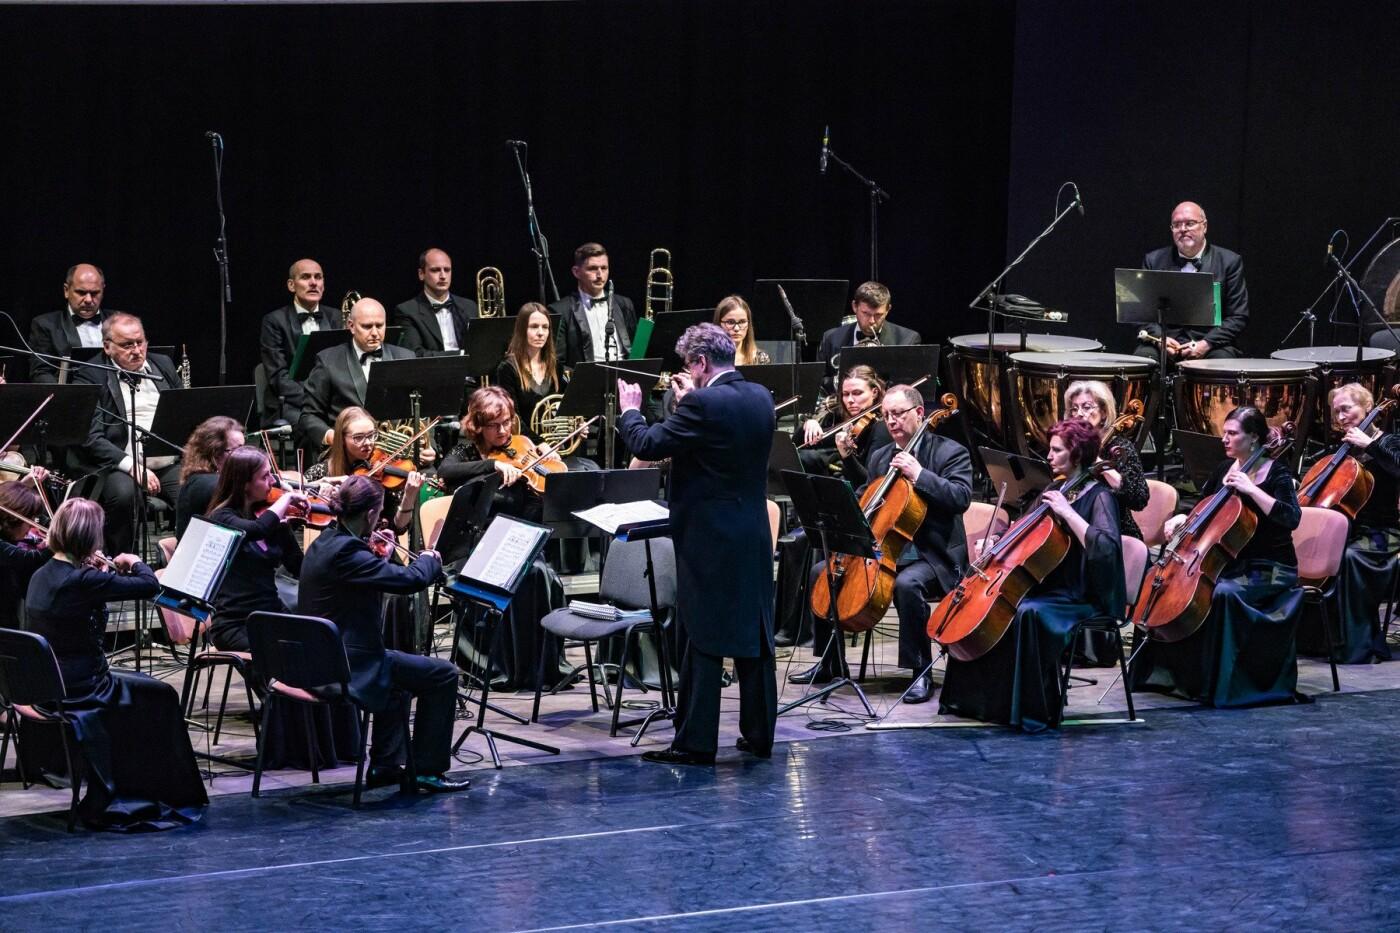 """Dirigentas Tomas Ambrozaitis: """"Orkestras galingas, kai darniai sutaria"""", nuotrauka-3"""